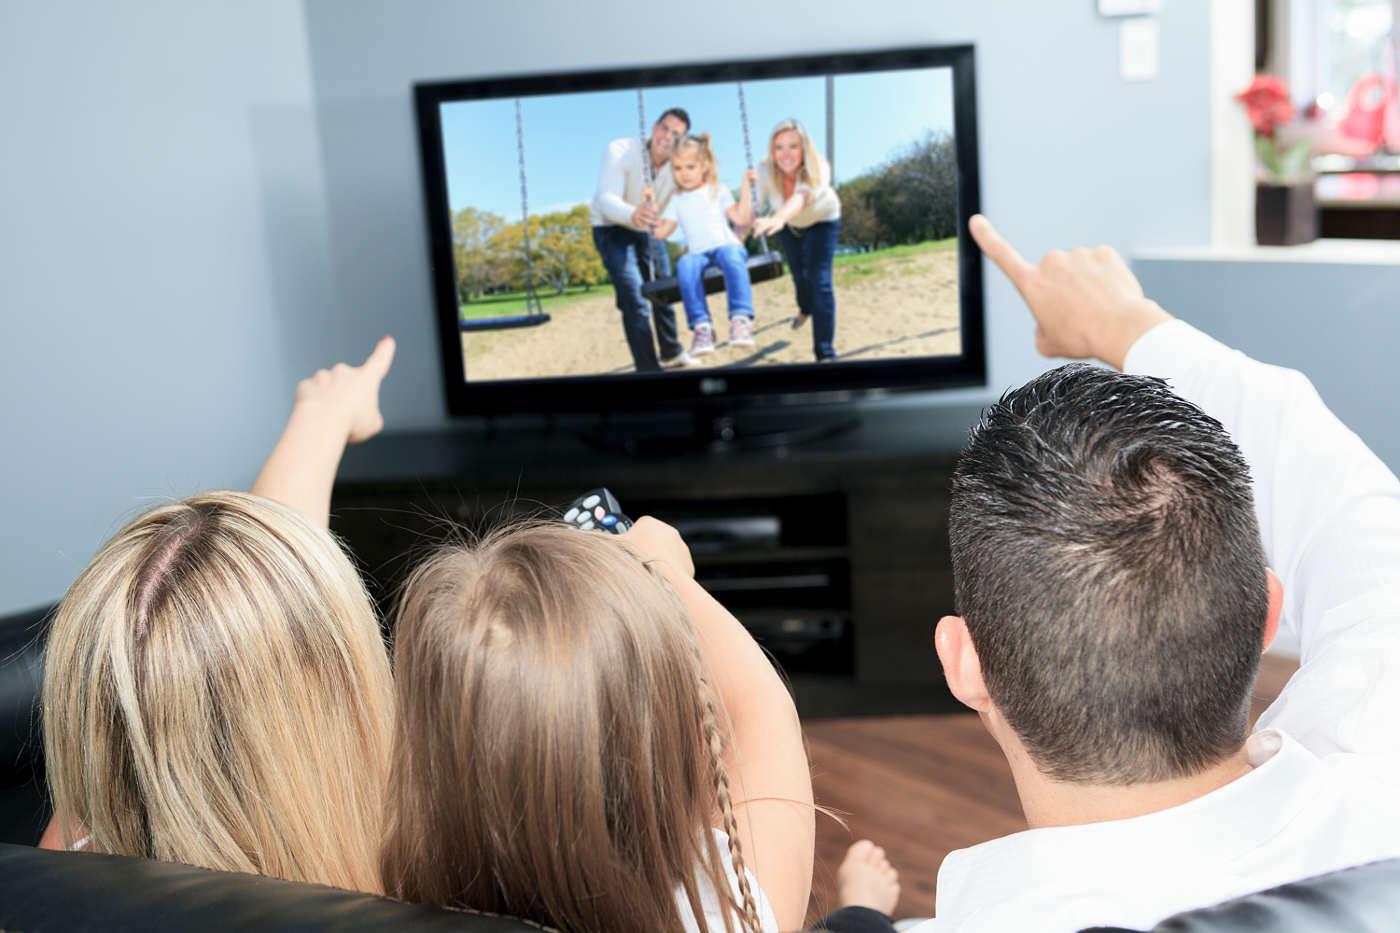 Rodzina oglądająca TV 65 Cali